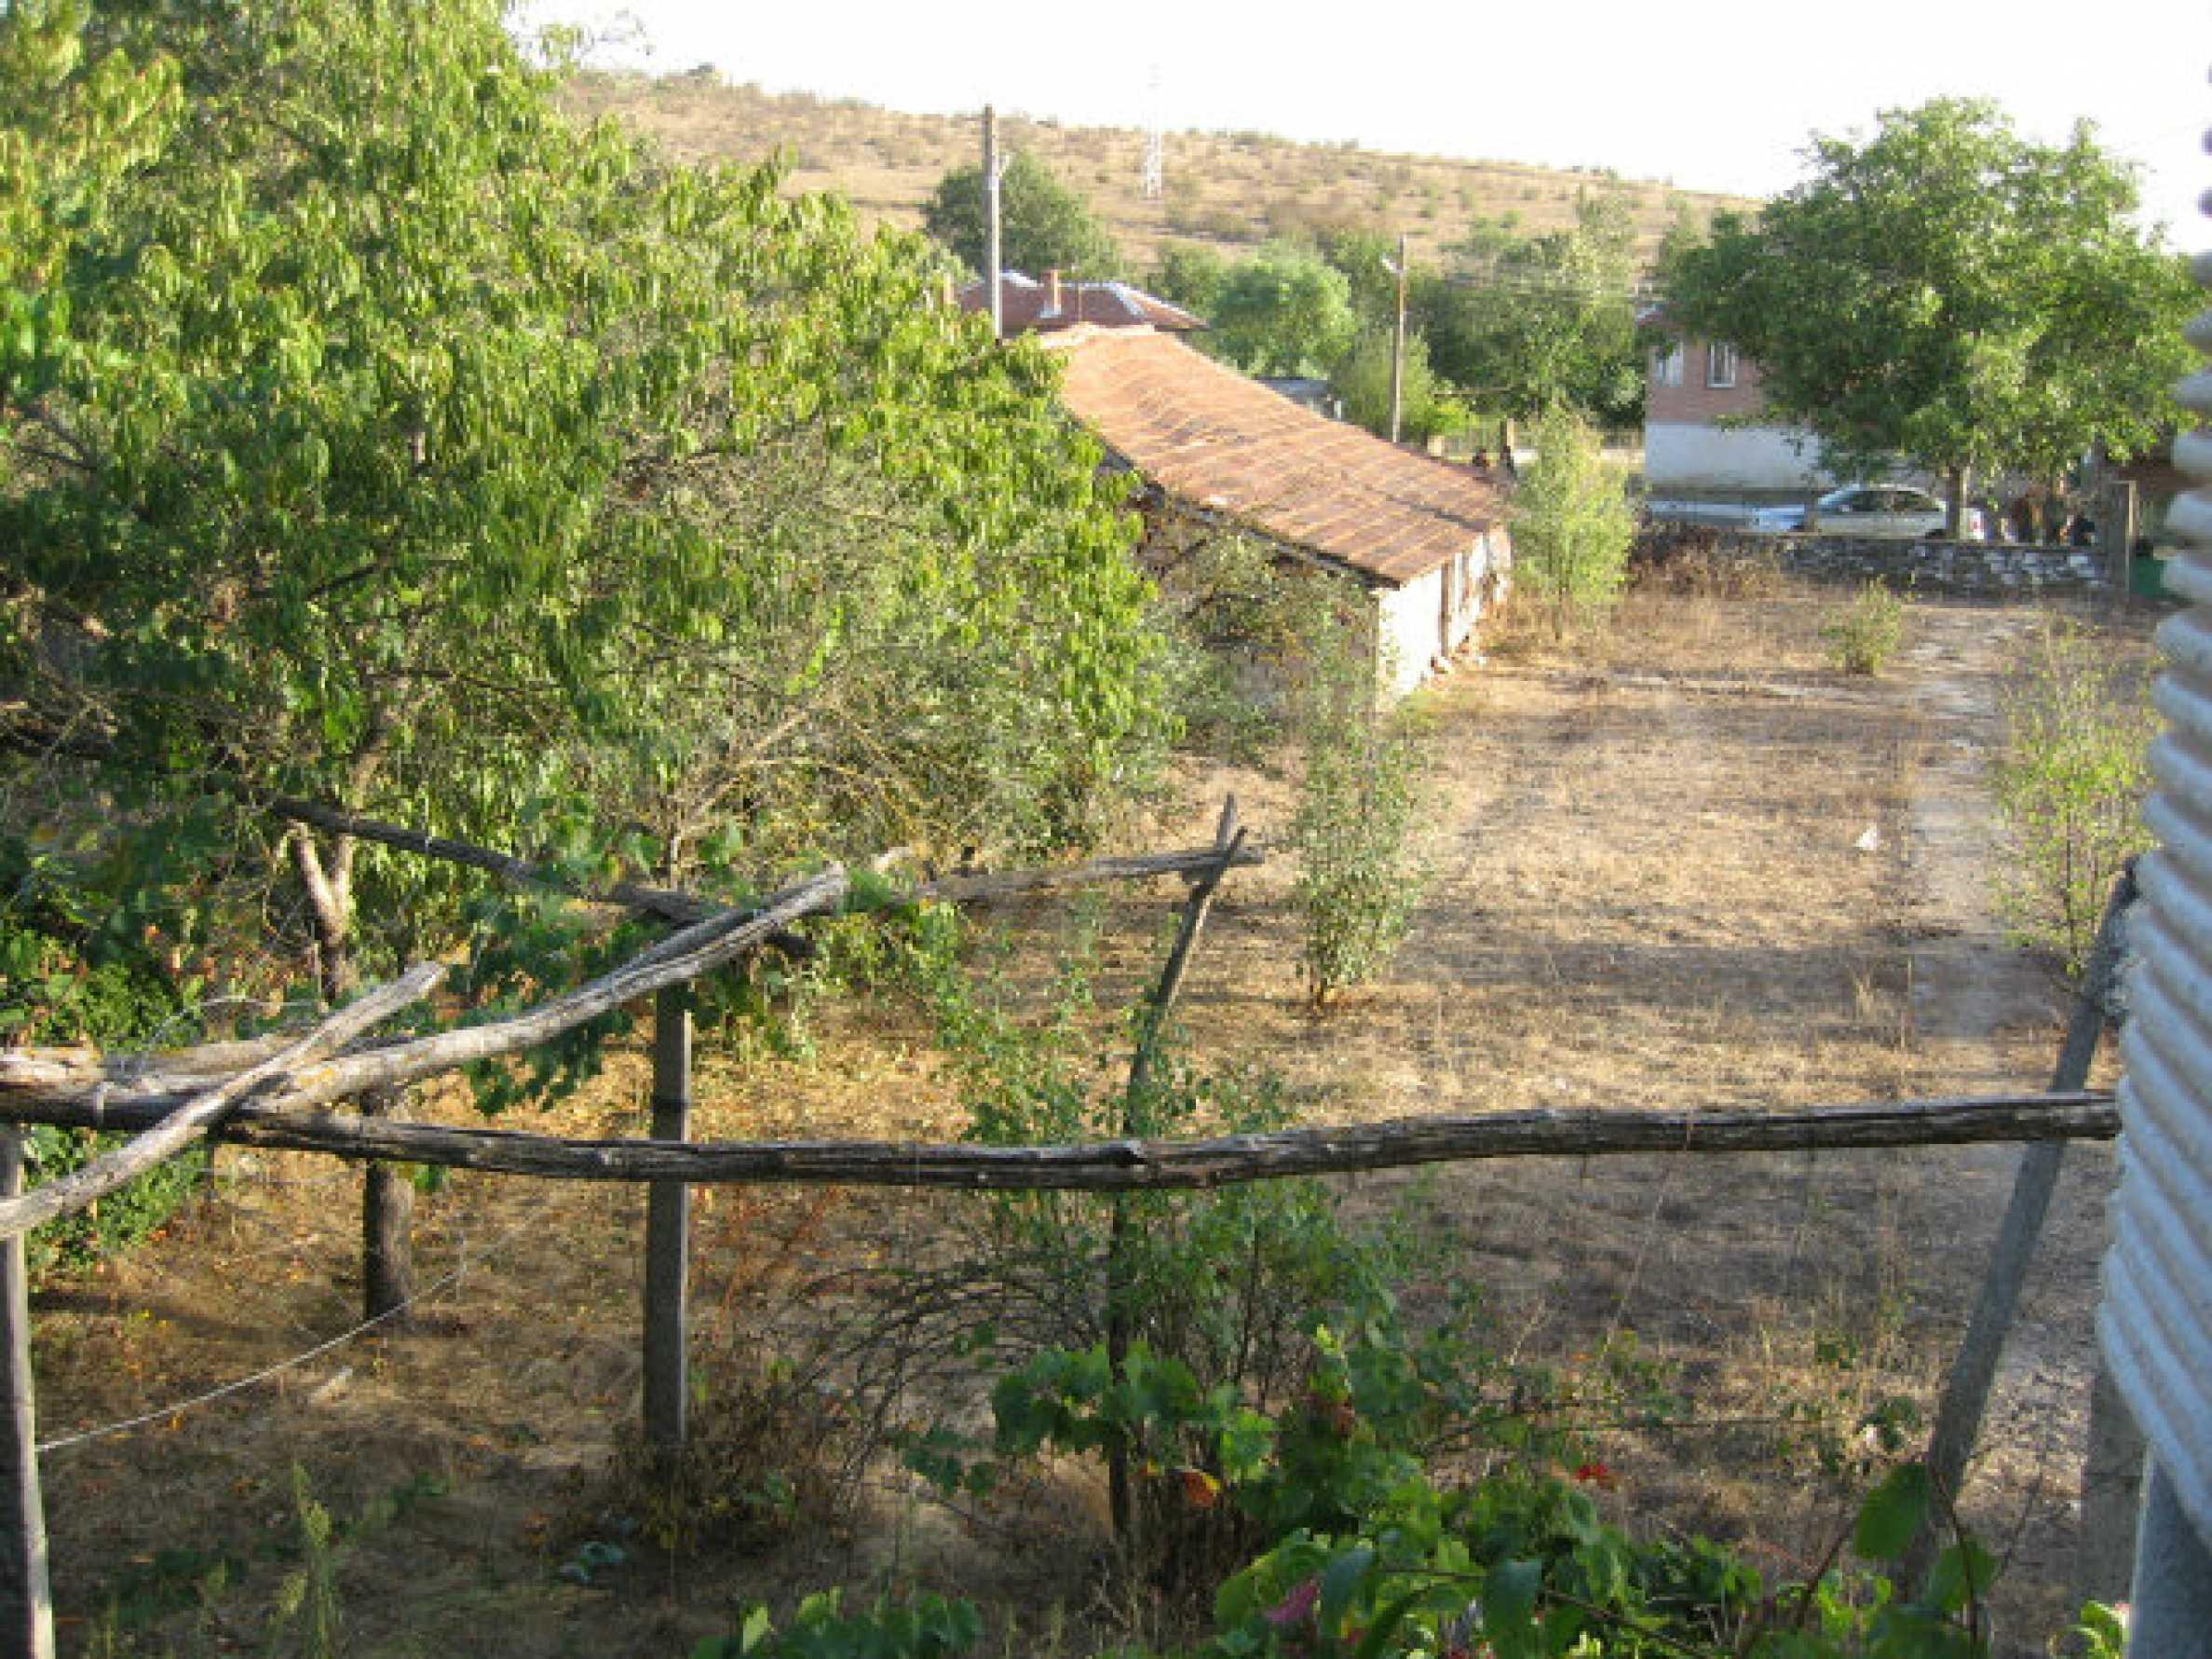 Sonniges zweistöckiges Haus in einem kleinen Dorf in der Nähe der Flüsse Tundzha und Elhovo 29